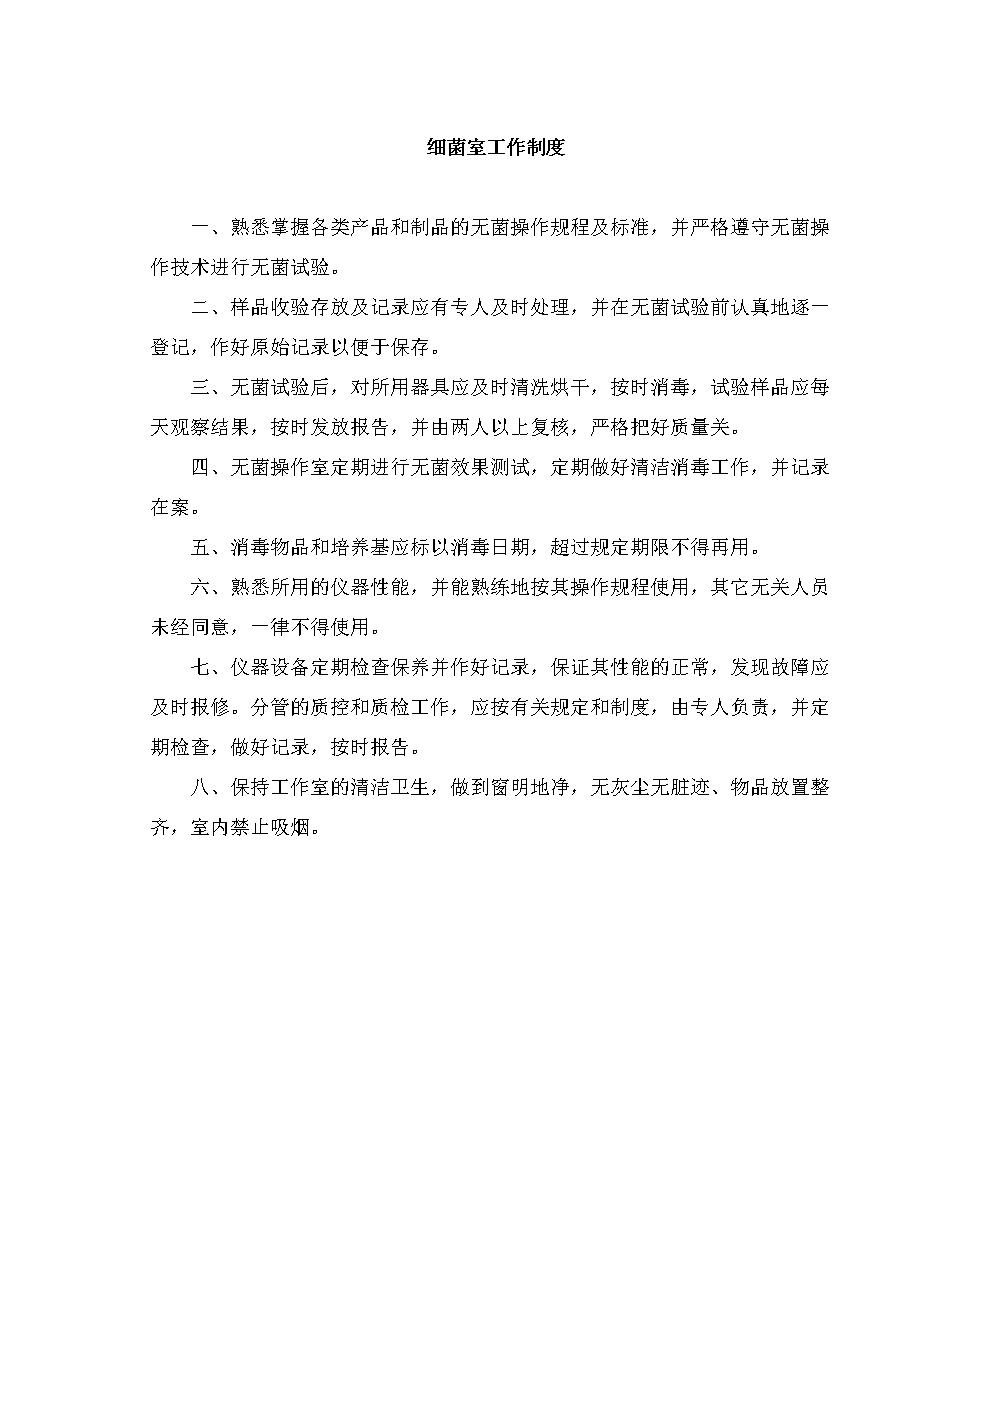 细菌室工作制度.doc